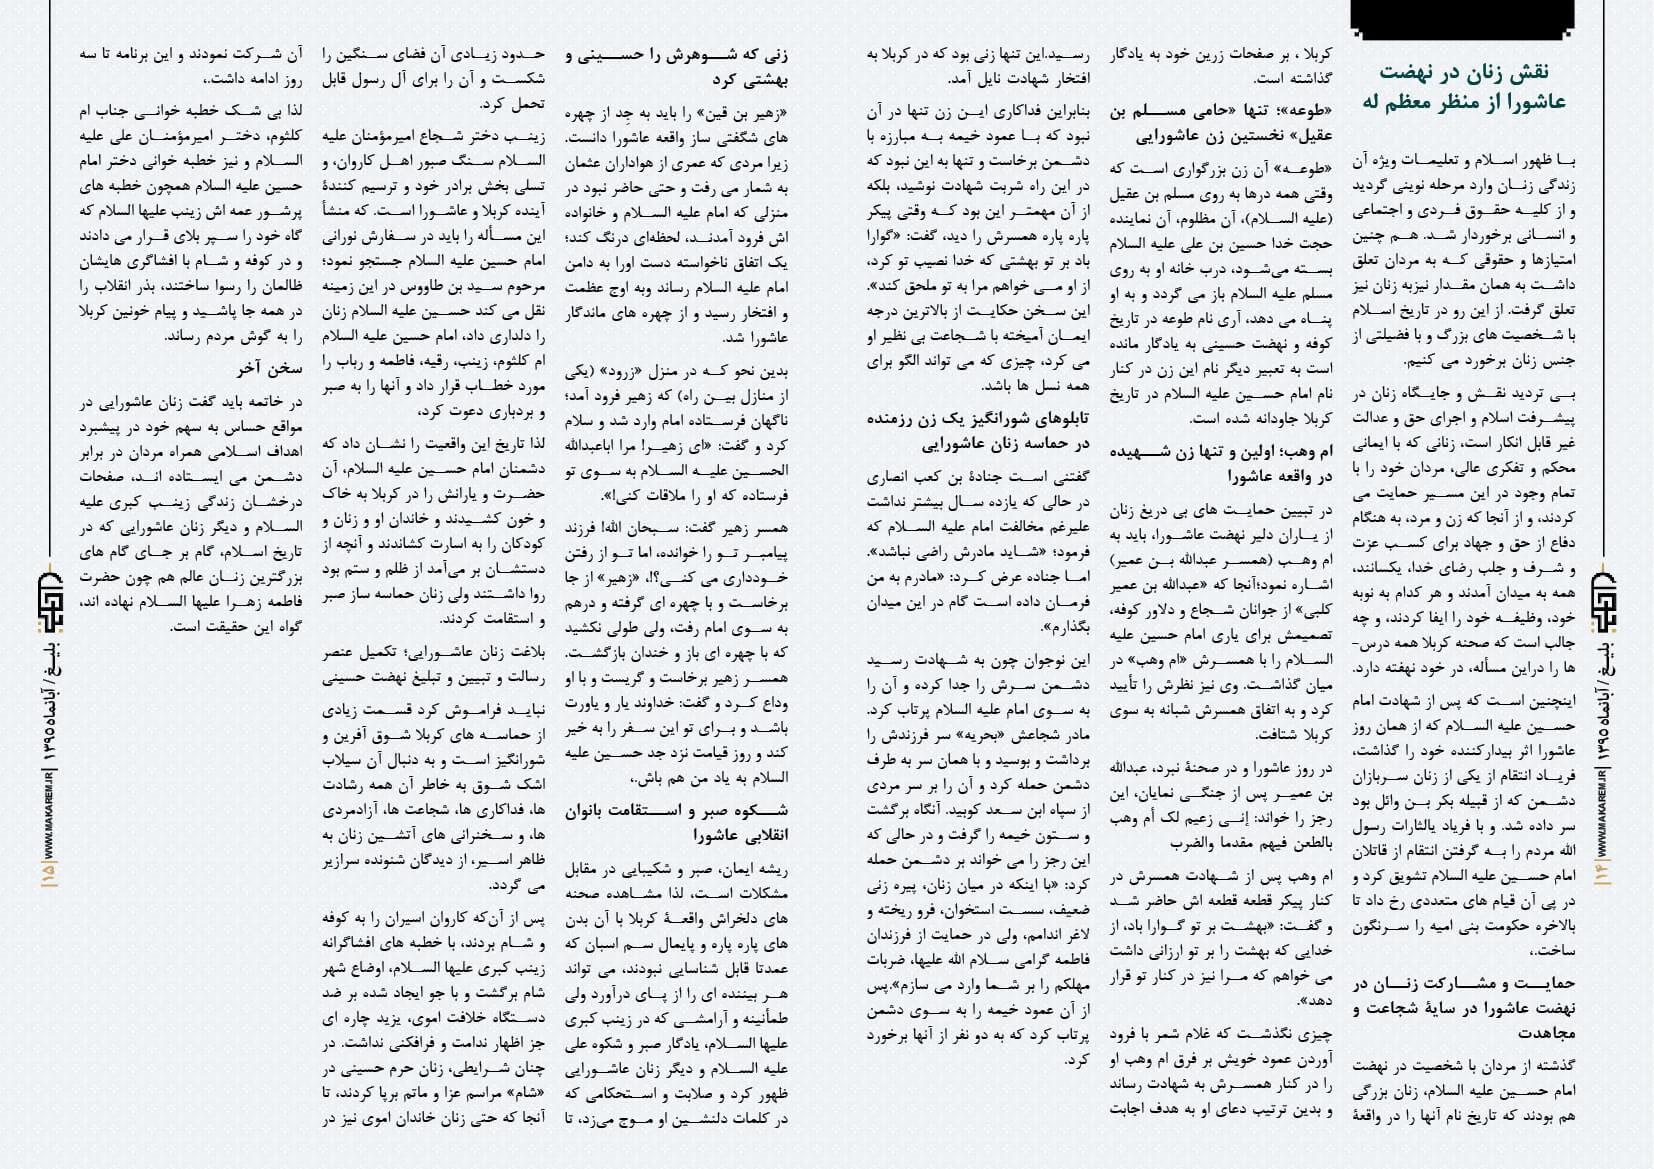 نقش زنان در نهضت عاشورا-مدرسه الامام امیر المومنین (ع)